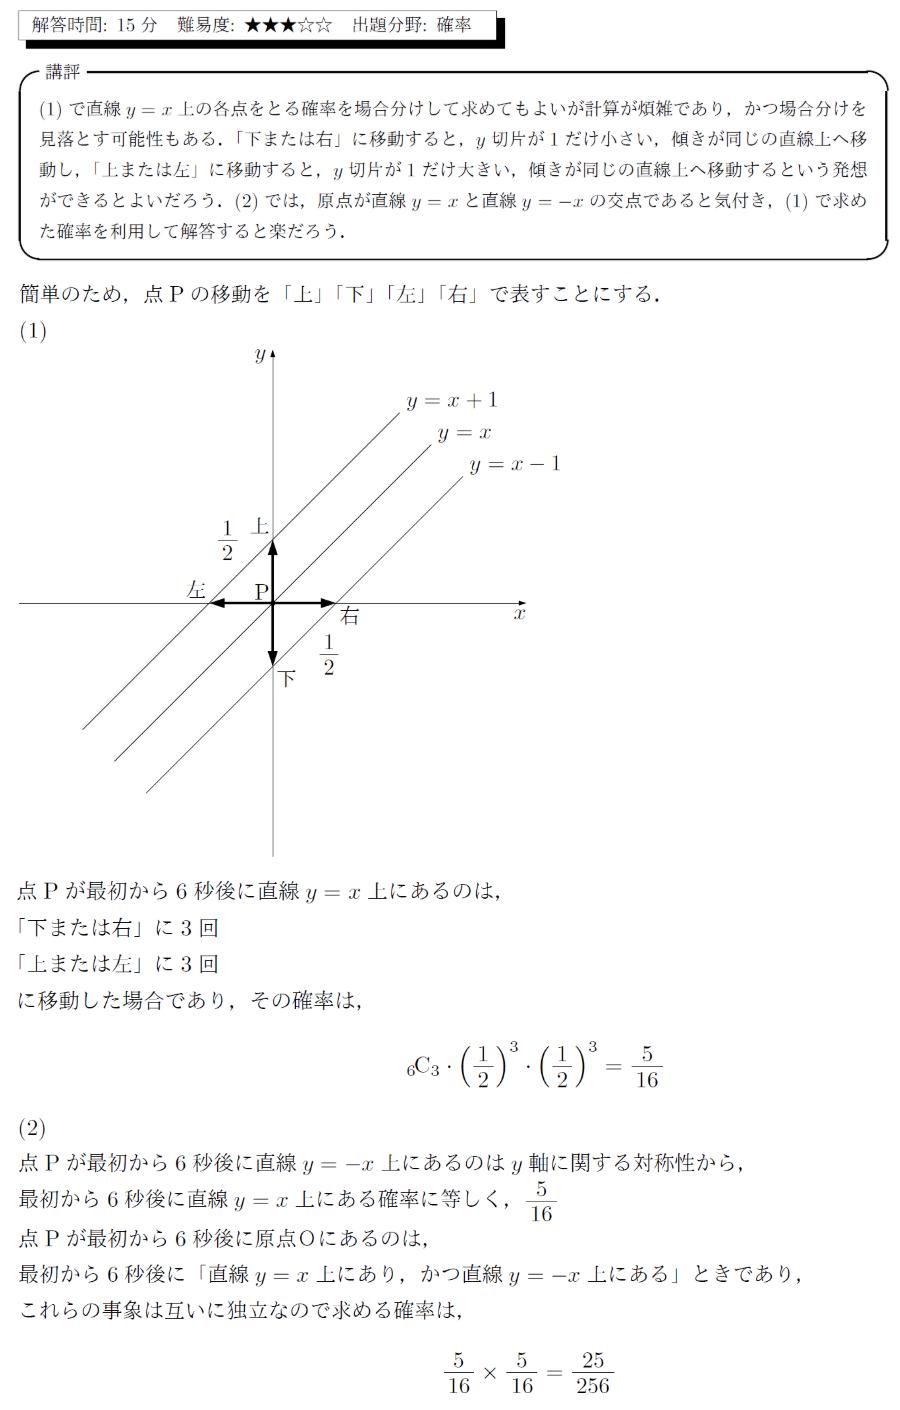 大学 東京 解答 速報 理科